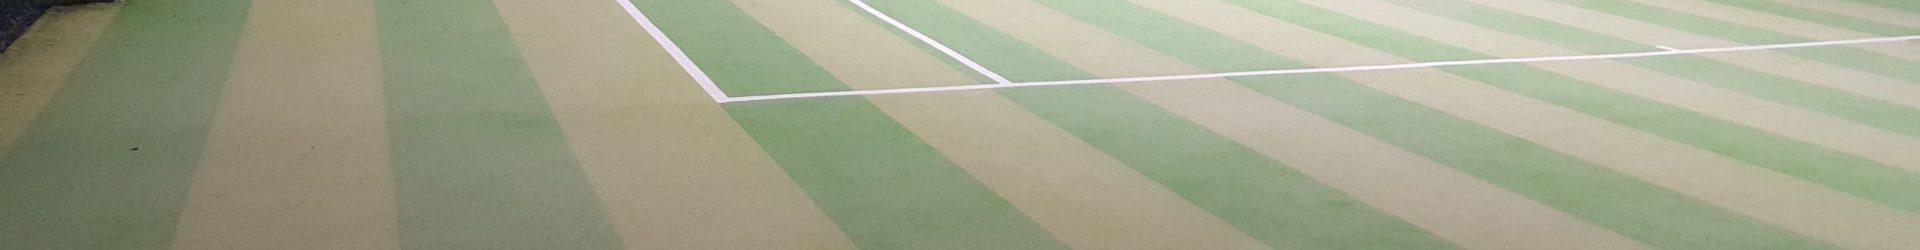 Tennis Valley